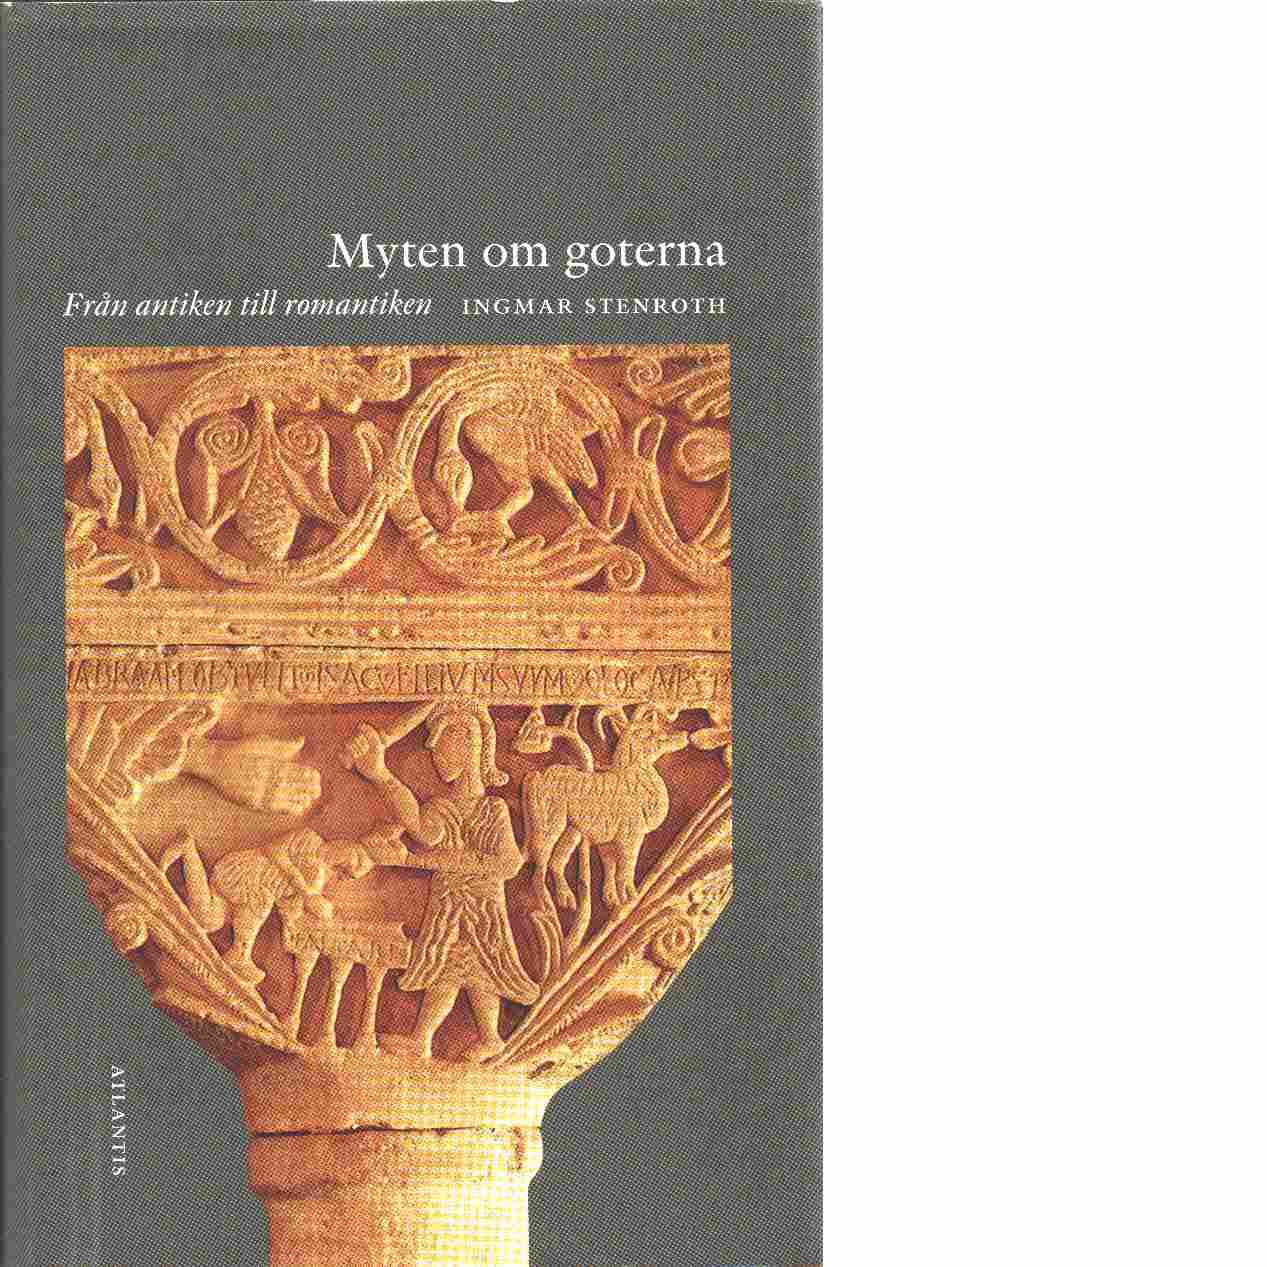 Myten om goterna : från antiken till romantiken - Stenroth, Ingmar